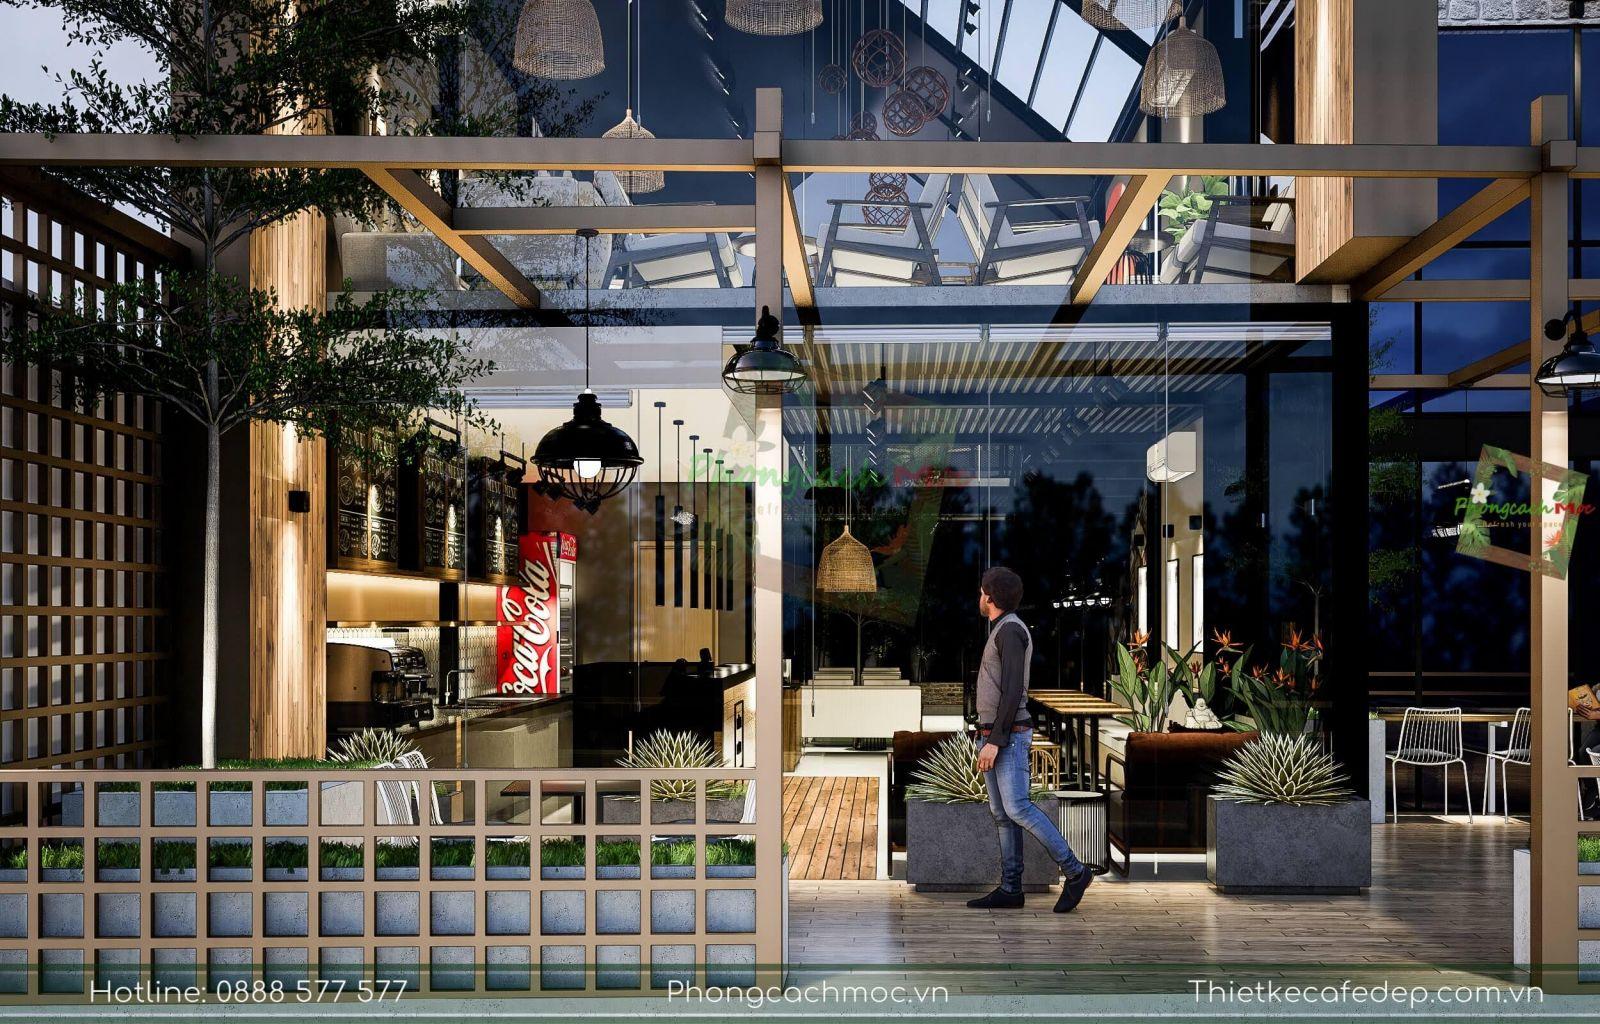 thiết kế quán caf e chủ đề nhà thép tiền chế